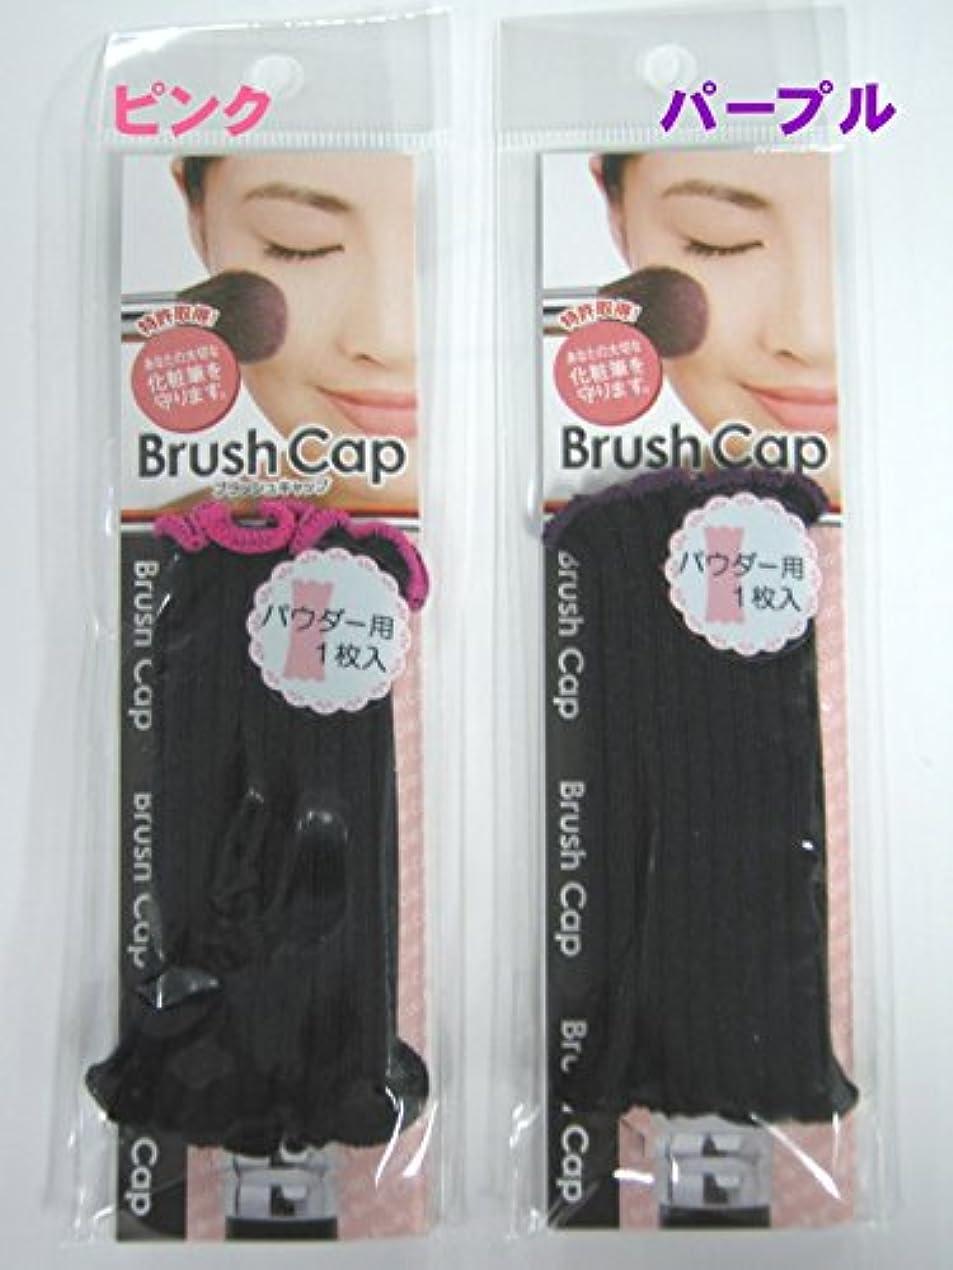 同意するリテラシーのり村岸産業 ブラッシュキャップ 化粧筆用保護カバー BC-1PU (パープル)